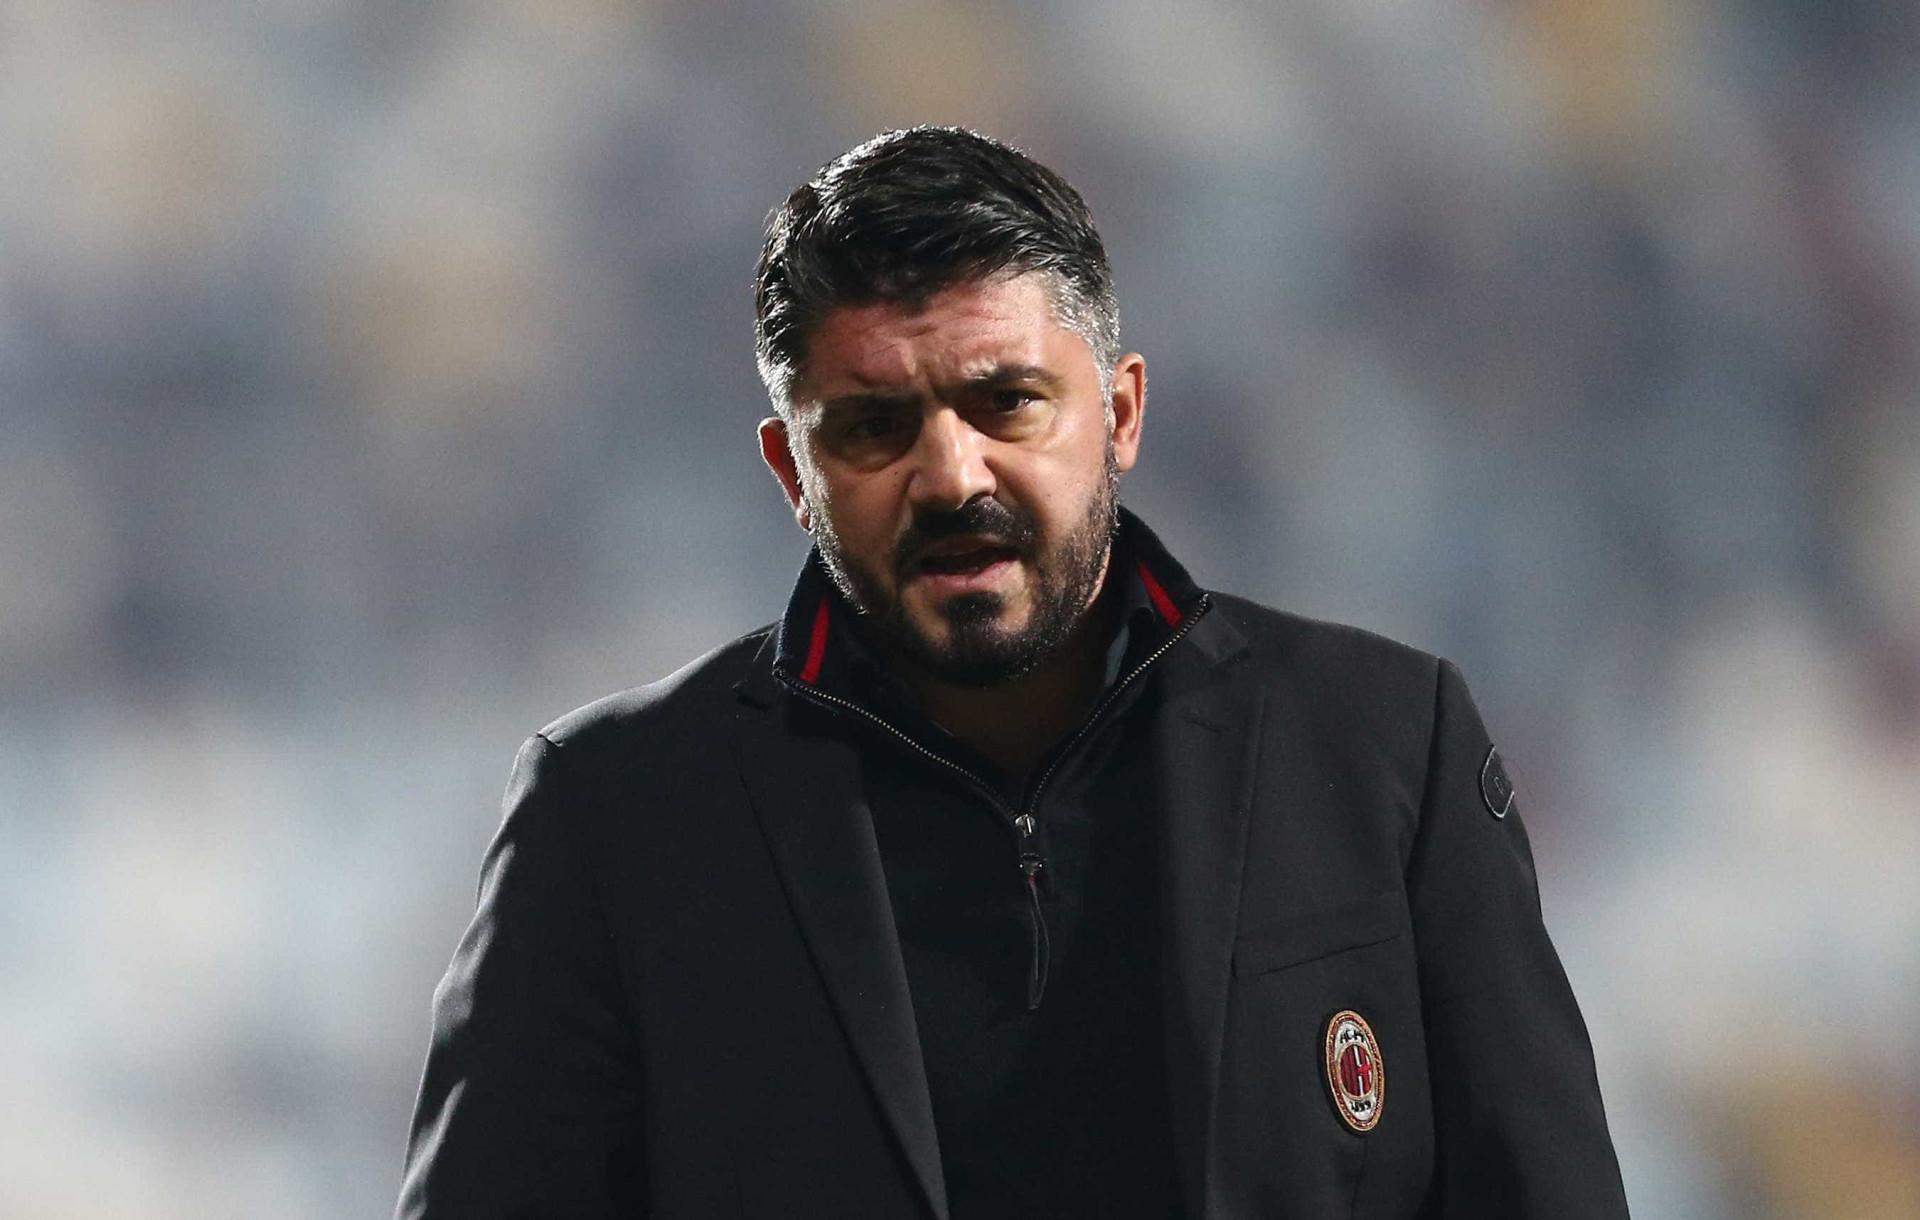 """Gattuso responde com 'sete pedras na mão a jornalista': """"Mas és surdo?"""""""